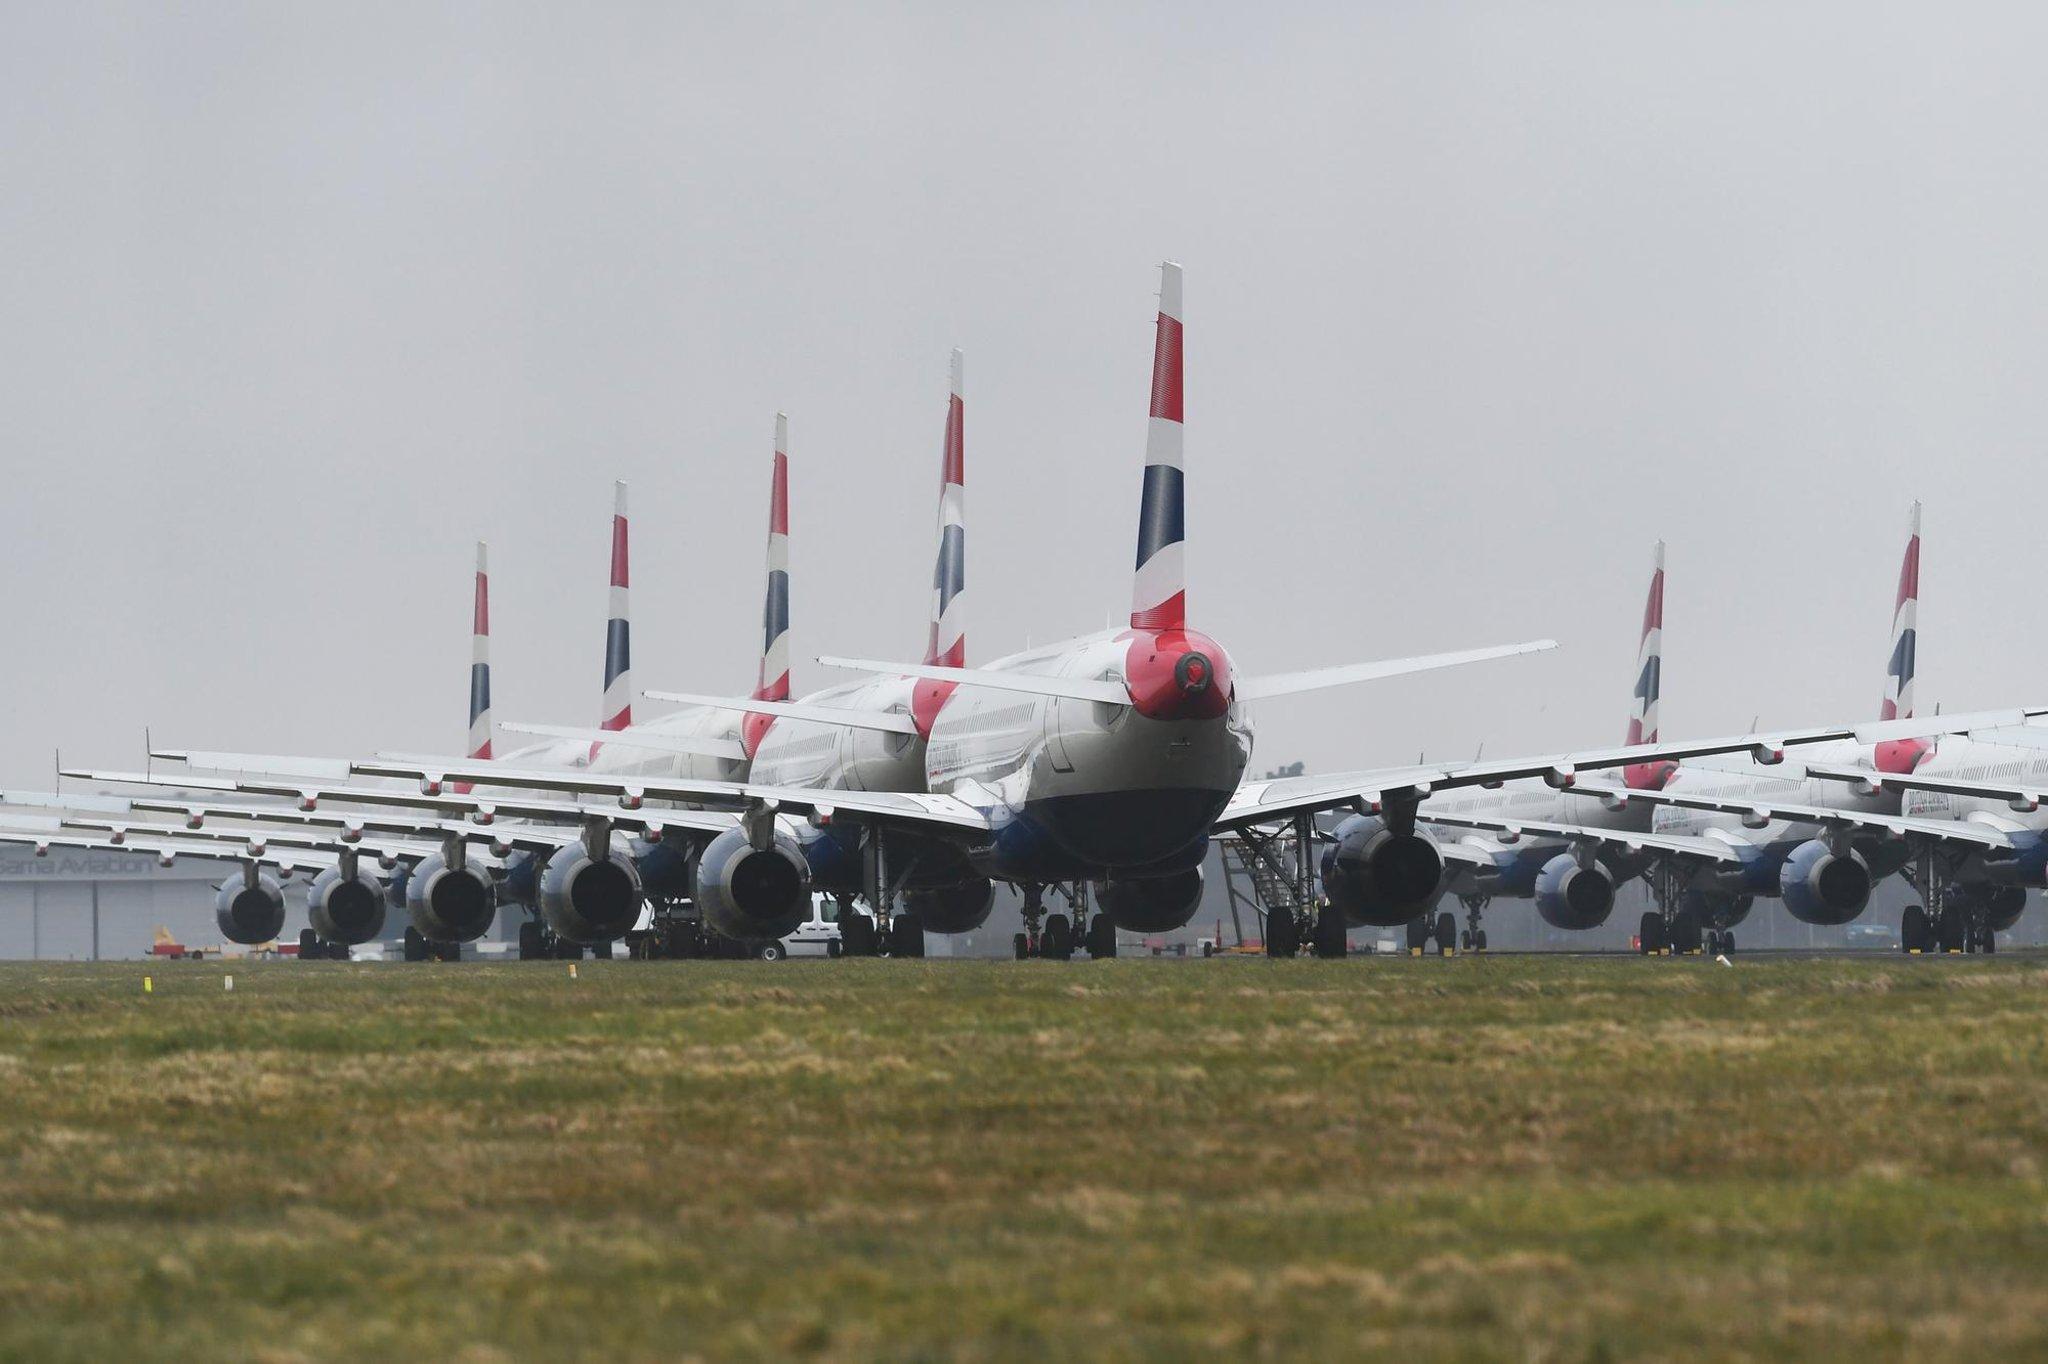 Bumper Agustus untuk pesanan pesawat tetapi perkiraan 'jalan panjang menuju pemulihan'